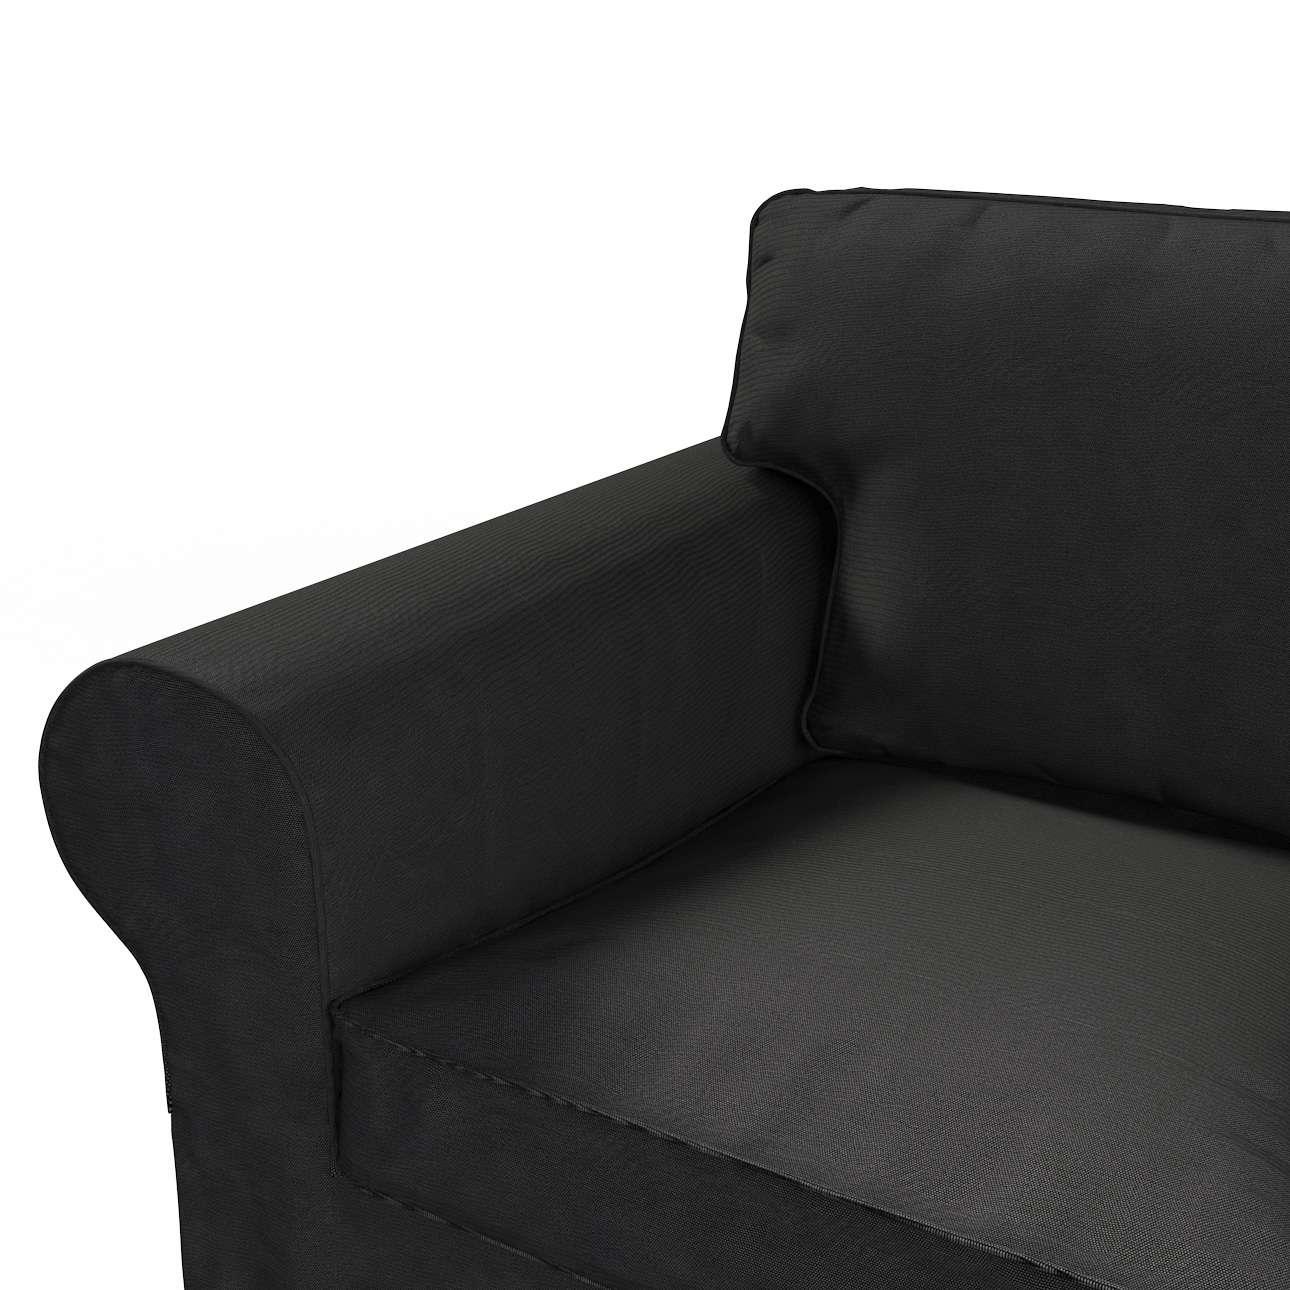 Poťah na sedačku Ektorp (nerozkladá sa, pre 2 osoby) V kolekcii Etna, tkanina: 705-00